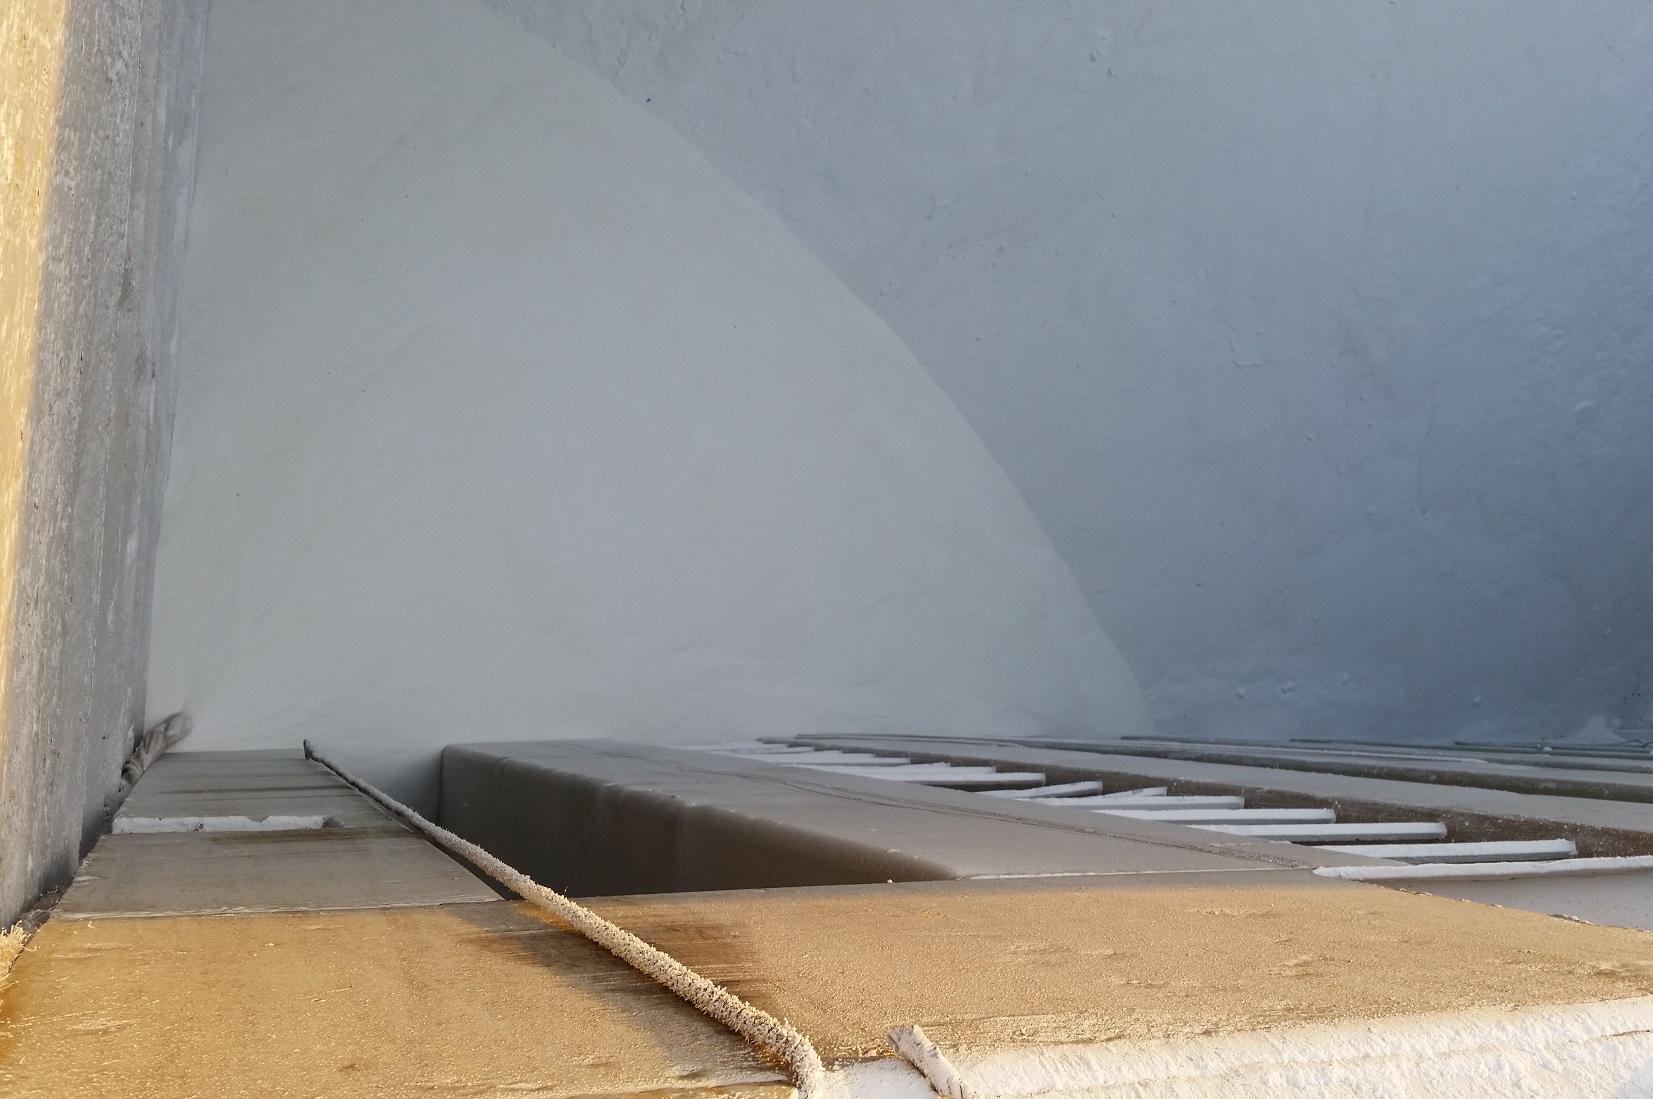 marine-surveyor-castellon-borax-damage-survey-cargo